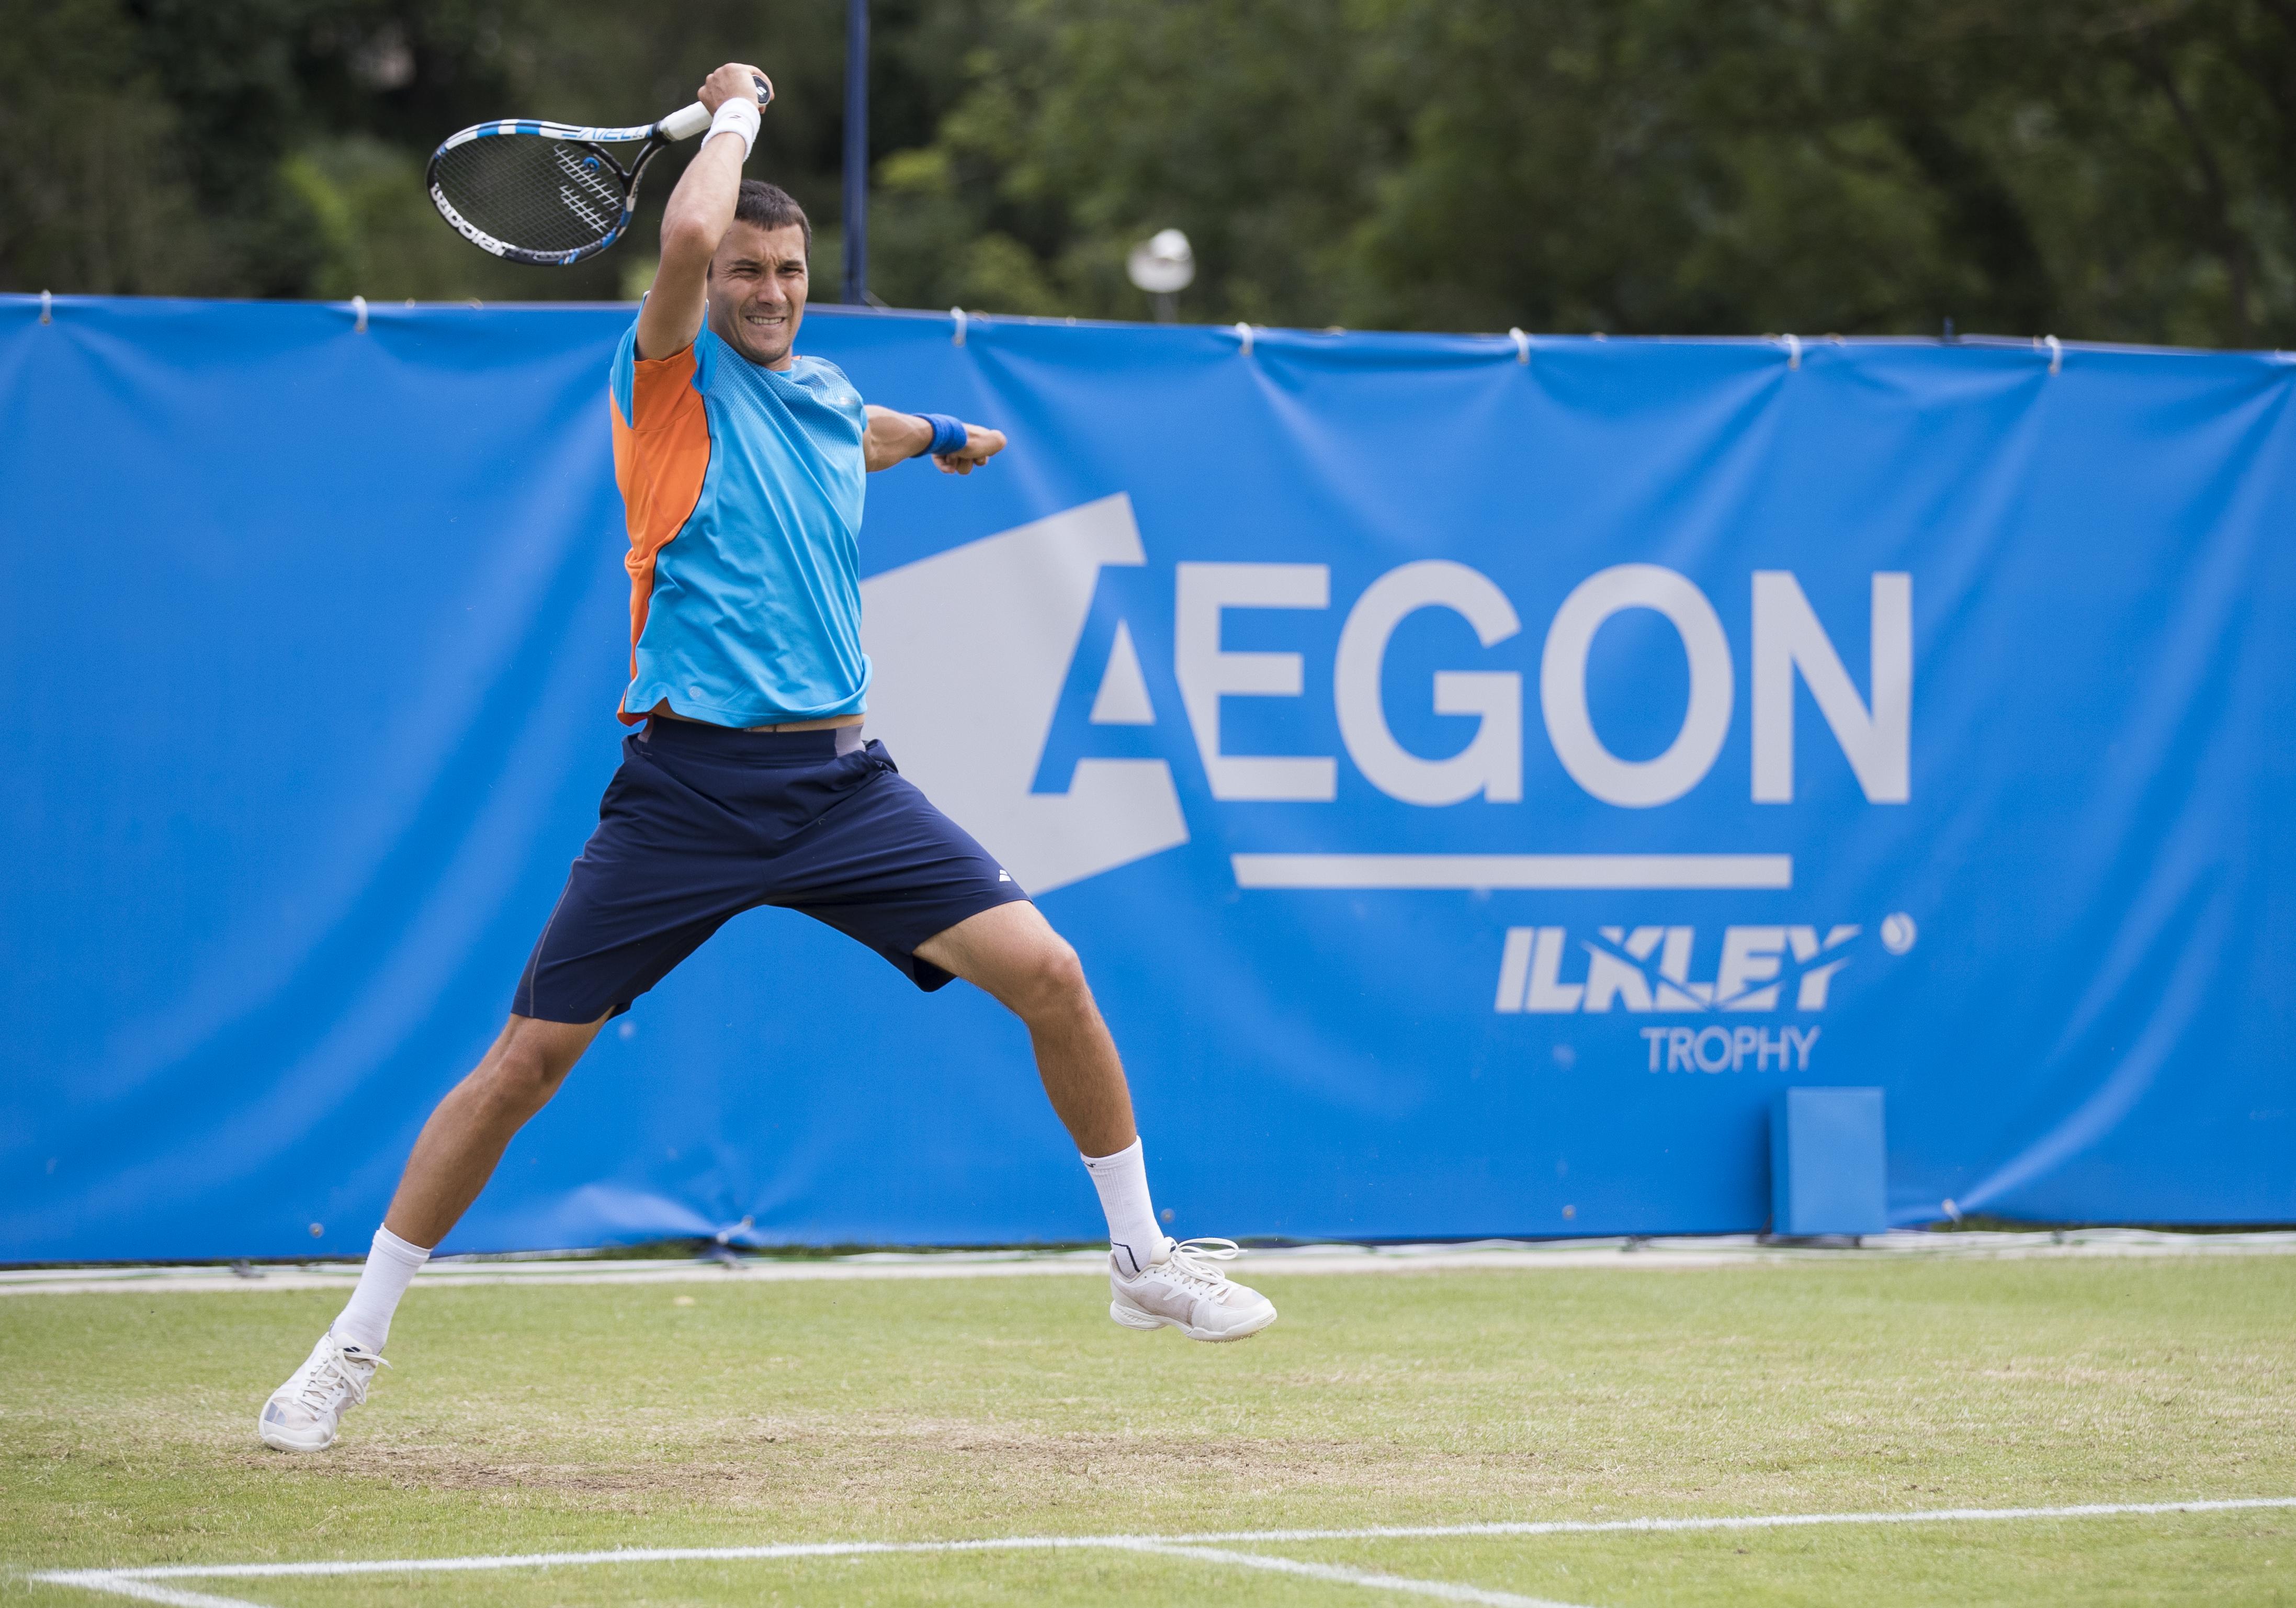 Der Russe Evgeny Donskoy trifft in der ersten Runde auf deutschlands Topspieler Alexander Zverev.